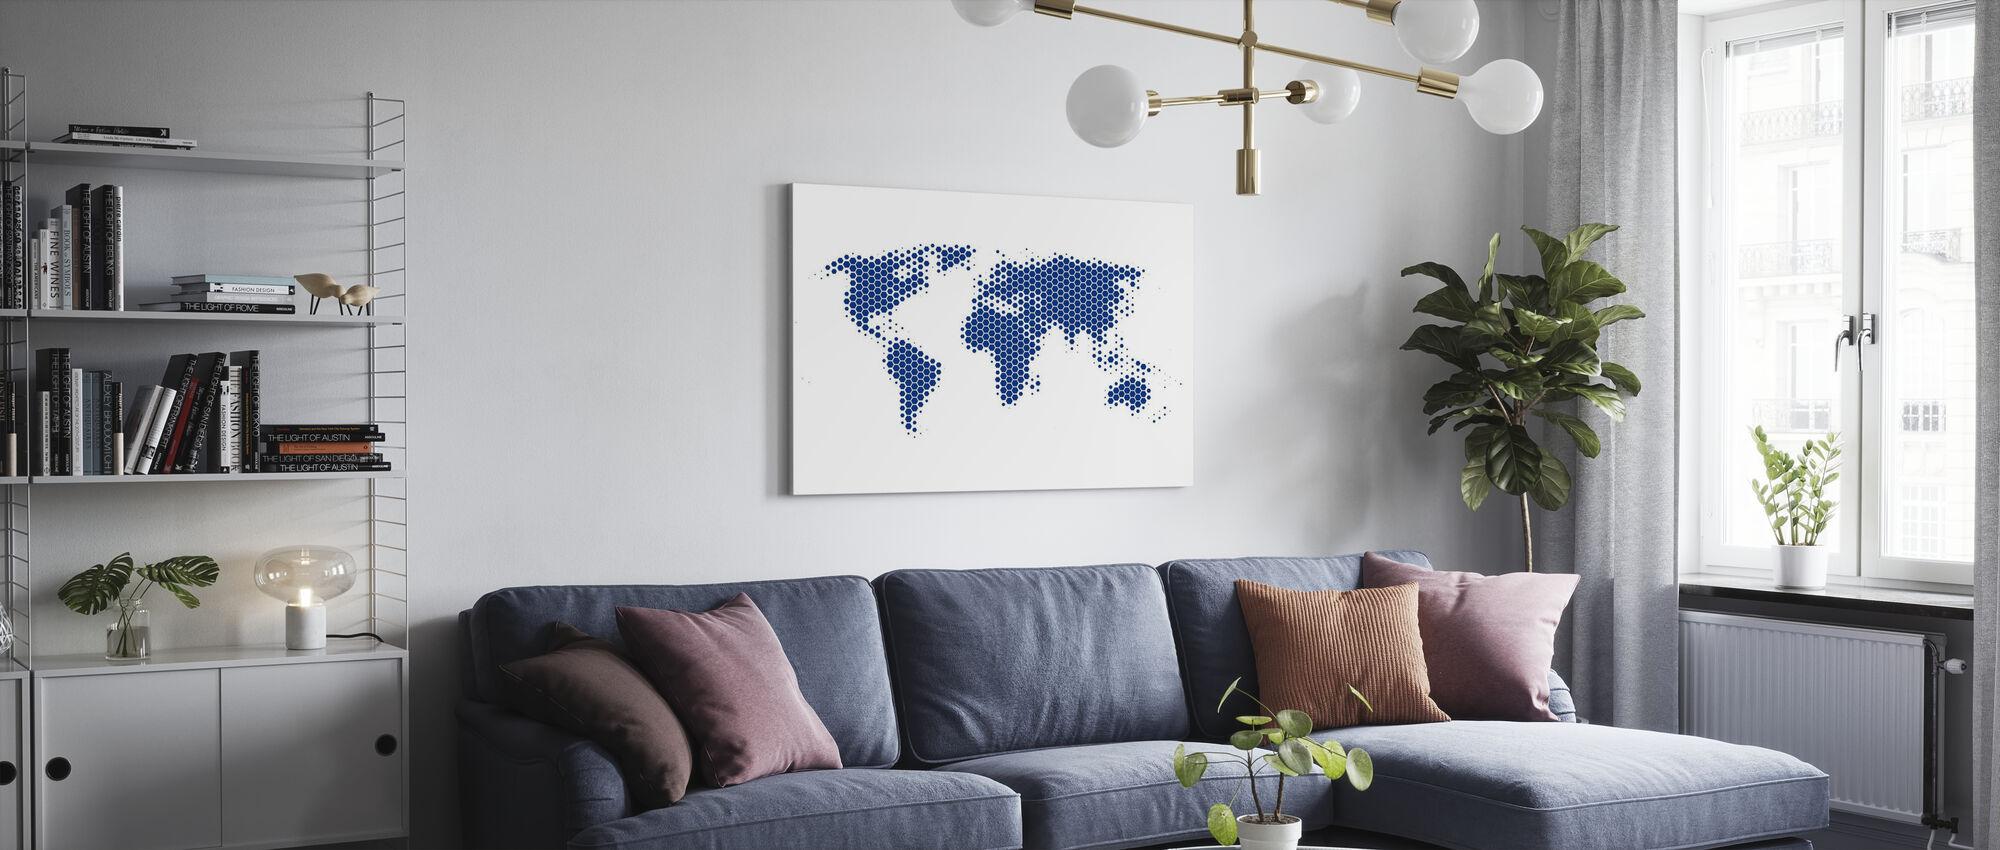 Världskarta Metallplåt - Blå - Canvastavla - Vardagsrum